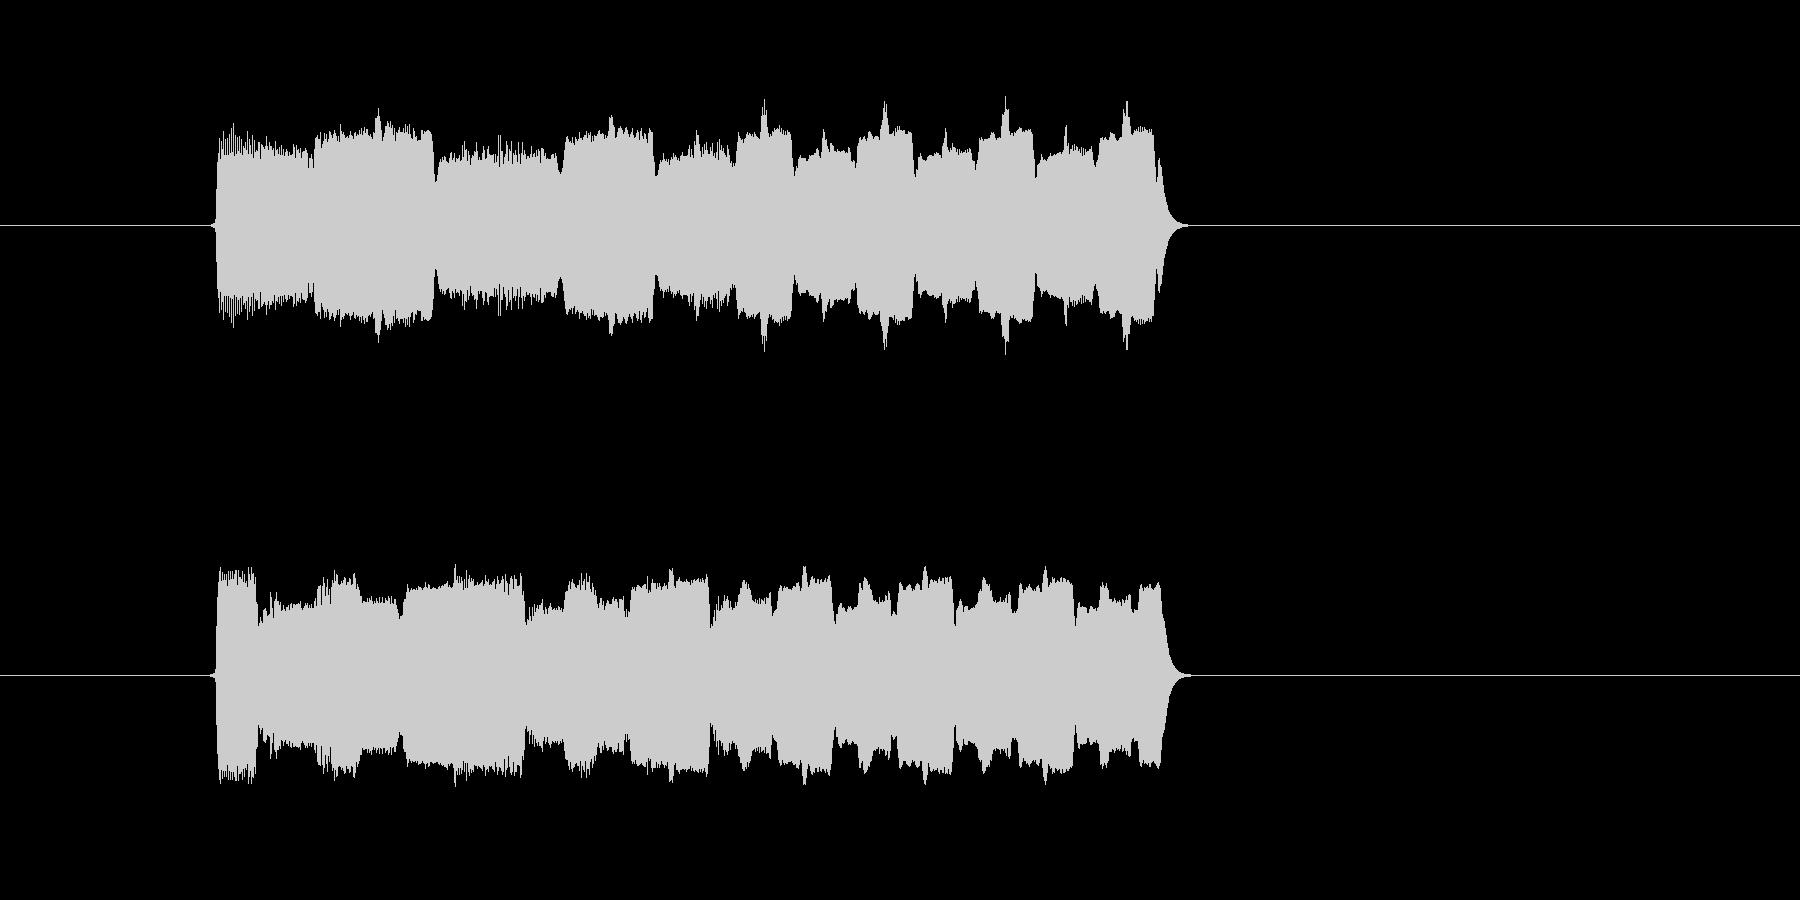 ゲーム、クイズ(正解)_014の未再生の波形